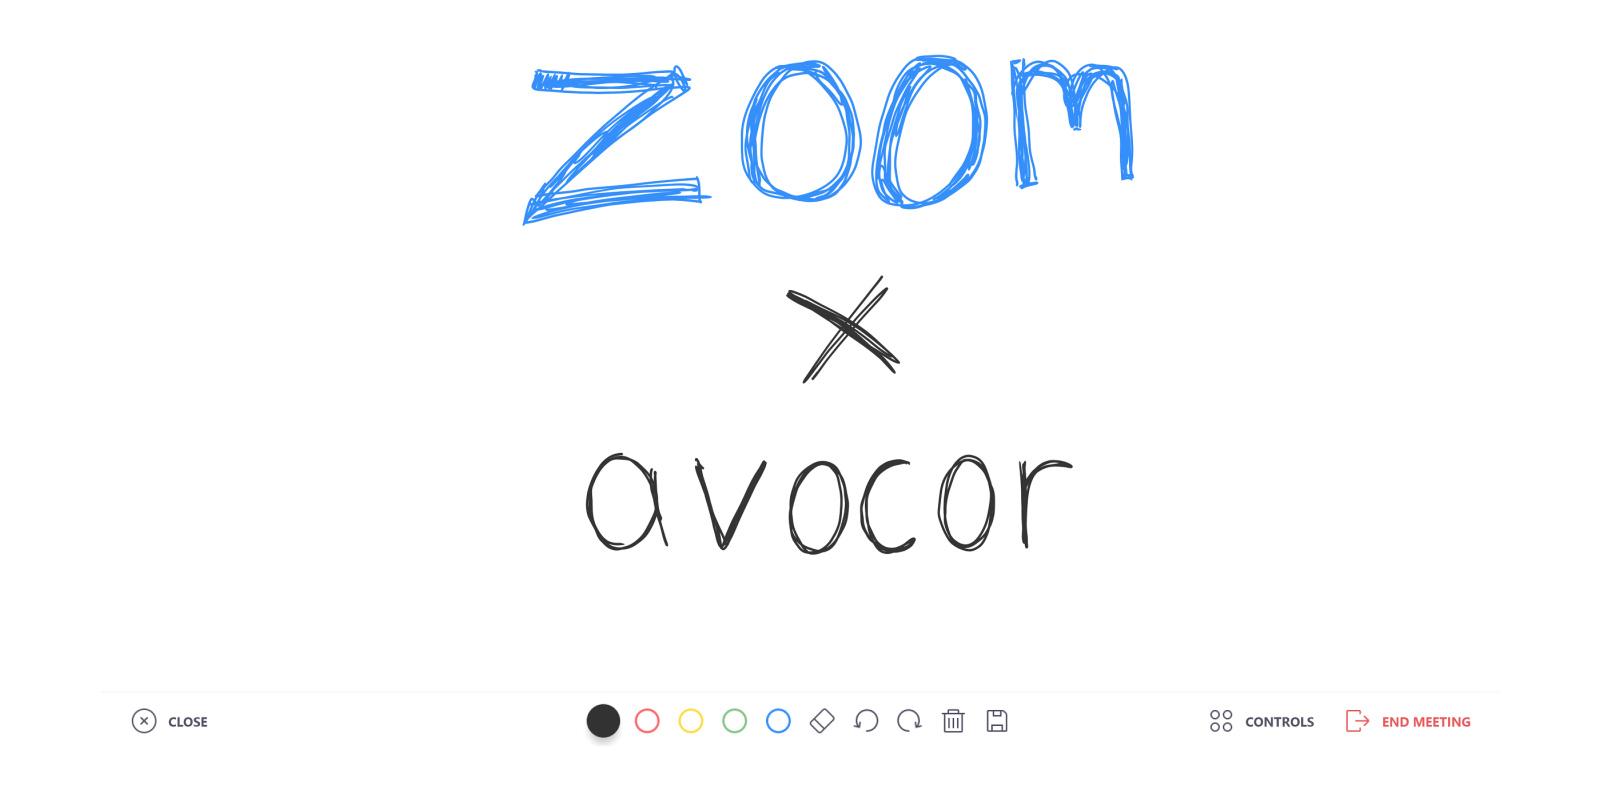 Avocor Whiteboarding